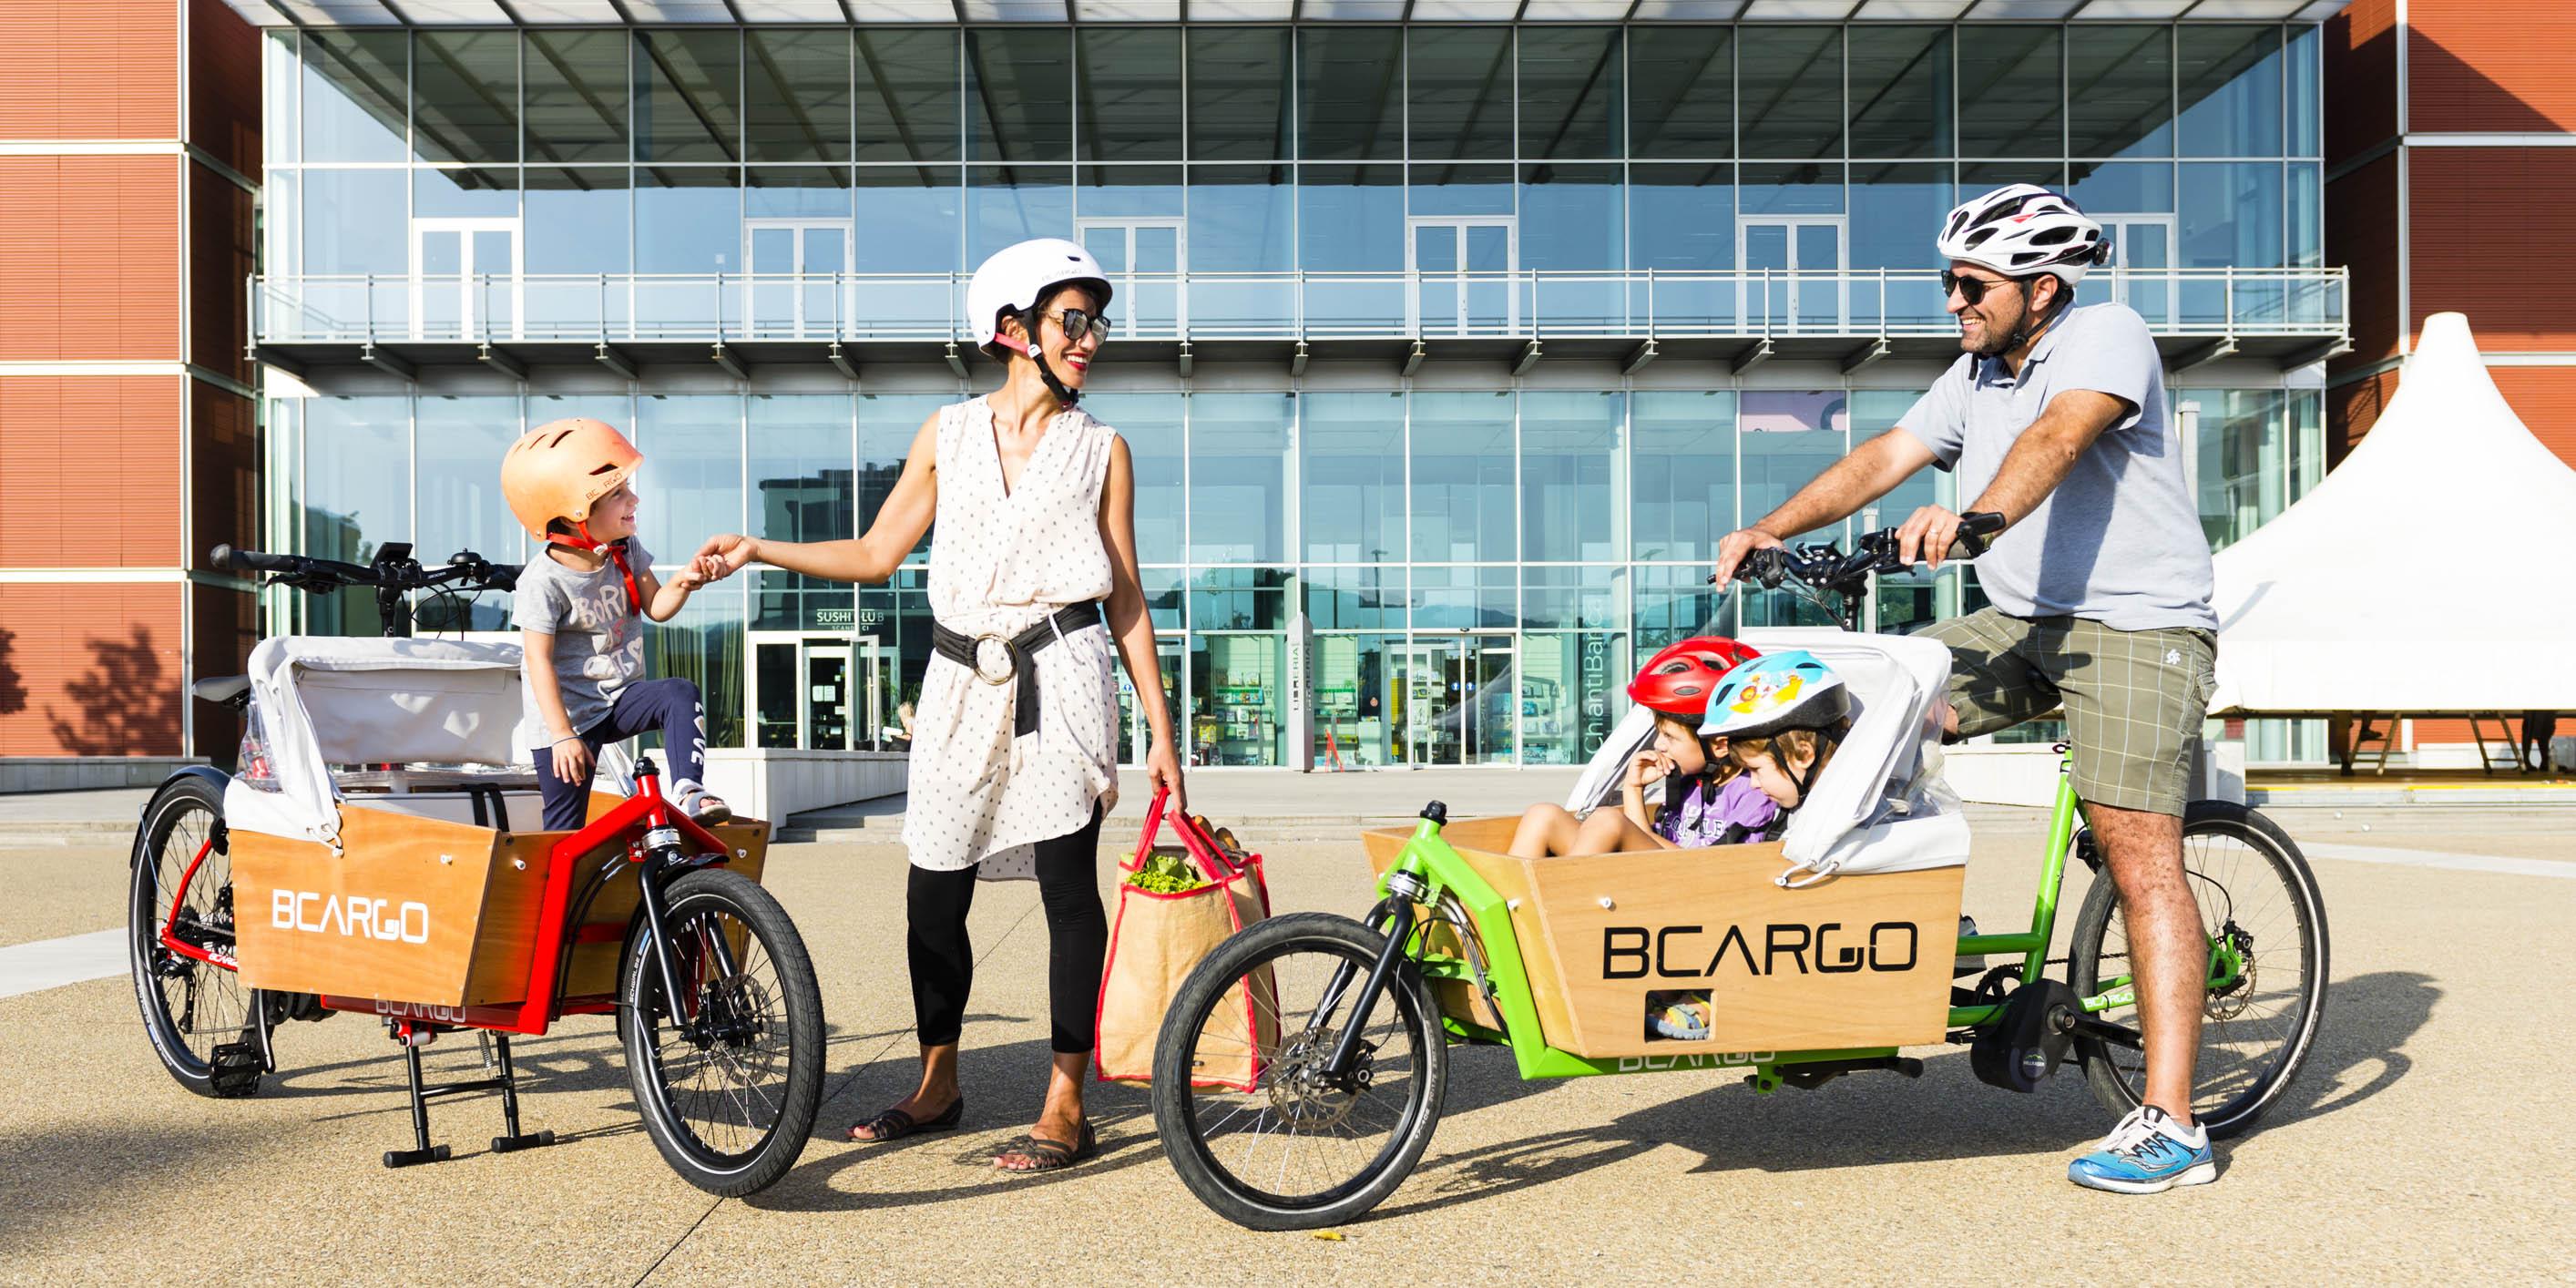 BCargo adventure